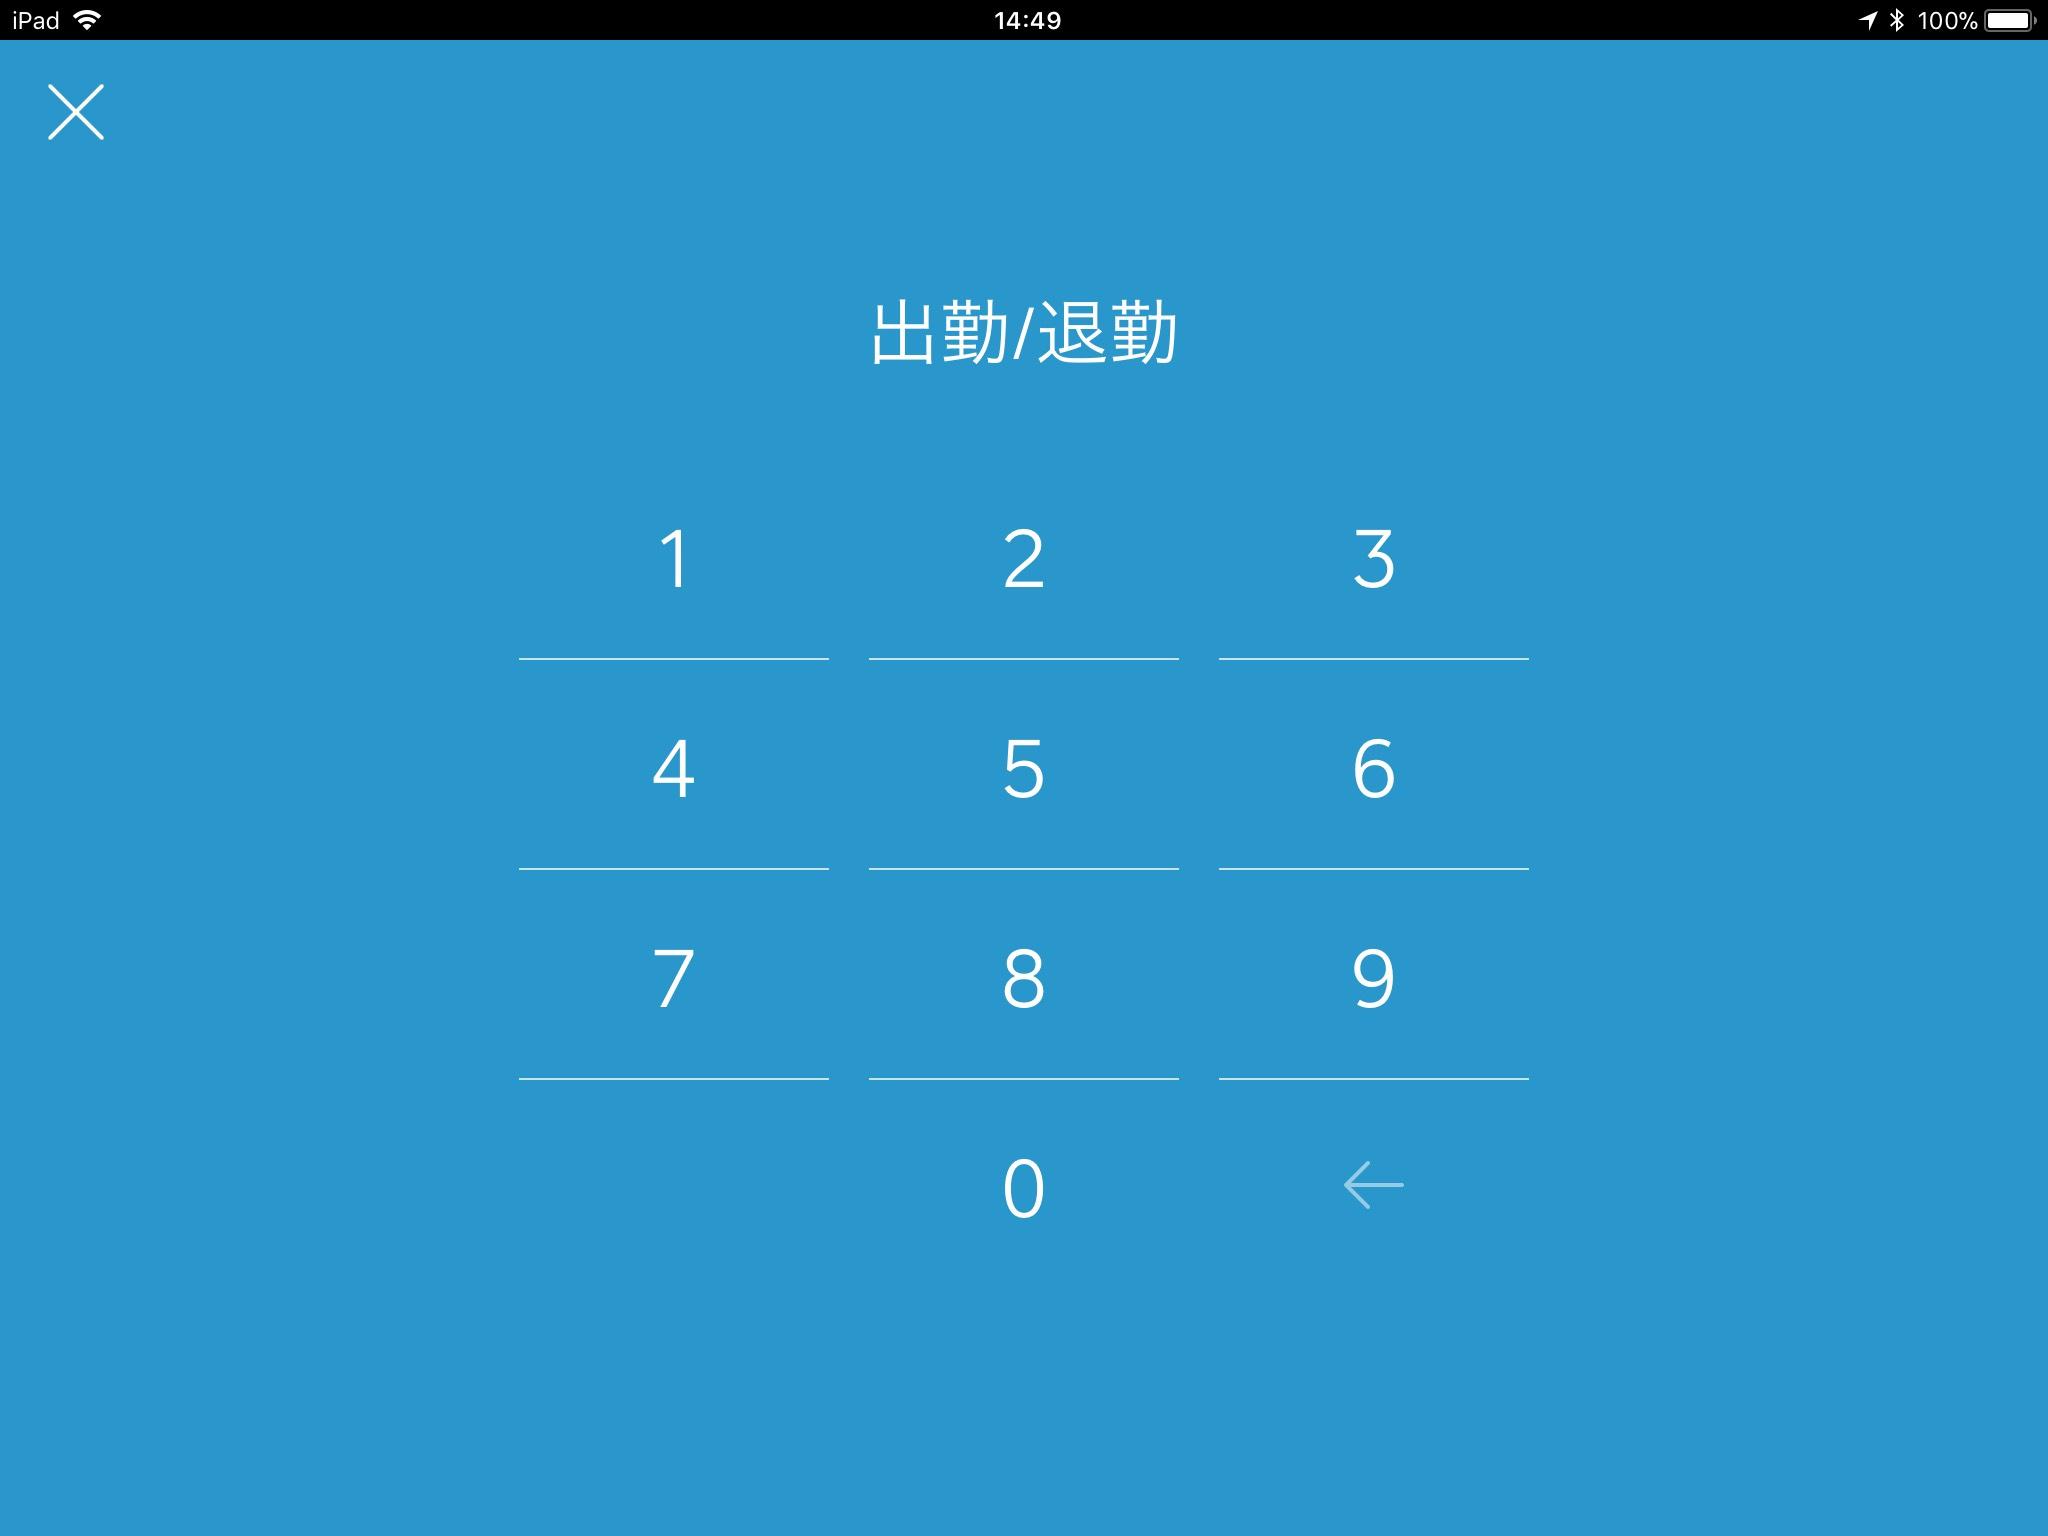 JP iPad_Enter Employee's Passcode